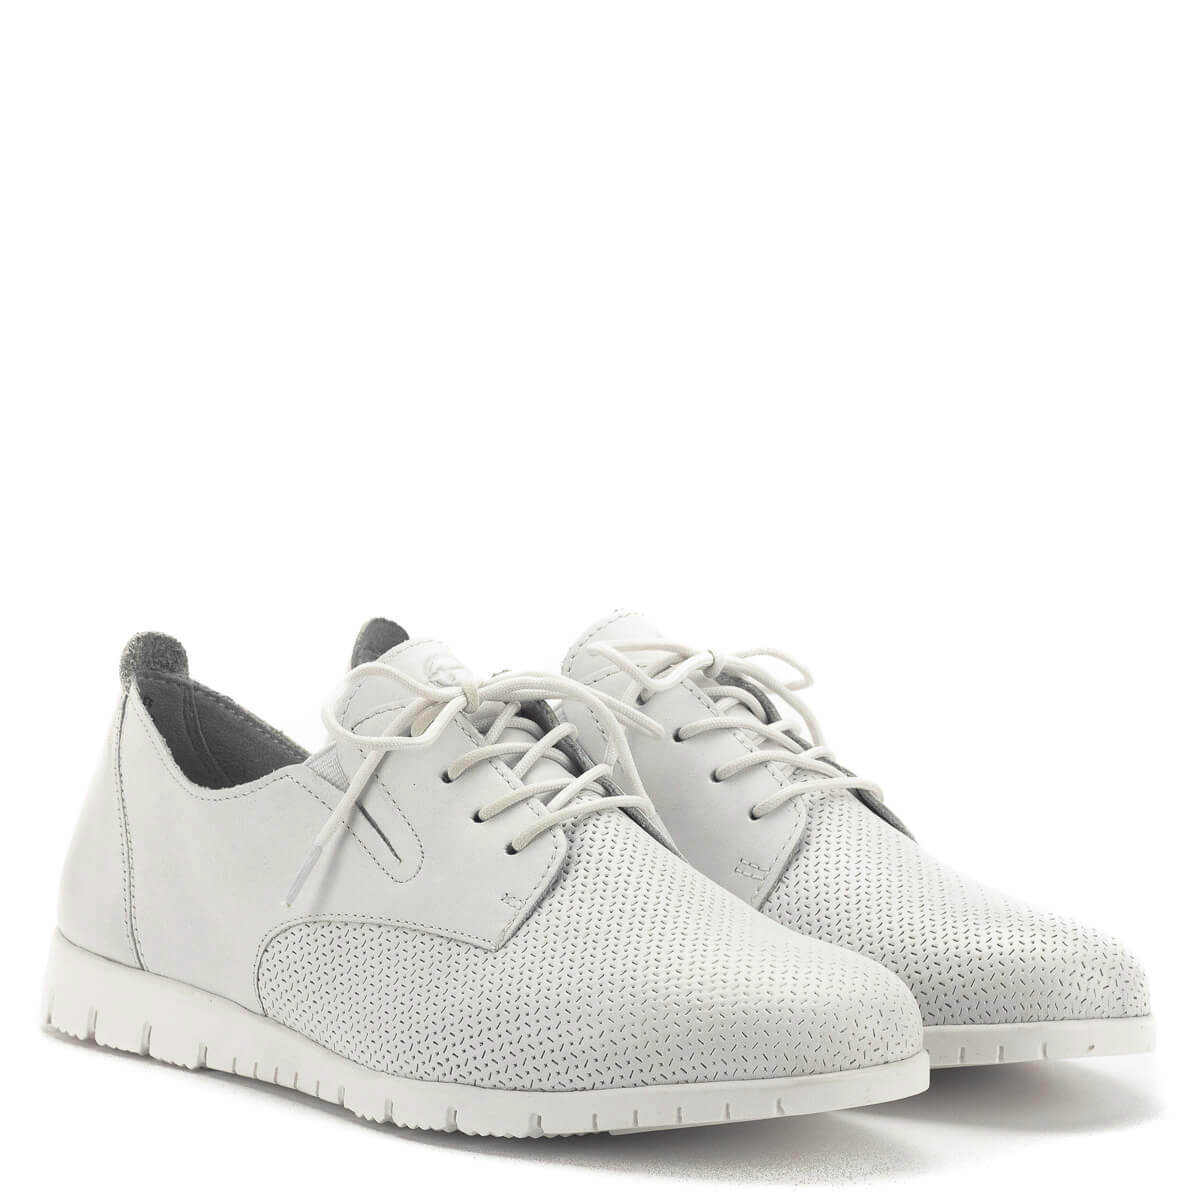 Tamaris cipő fehér színben 906004b31c